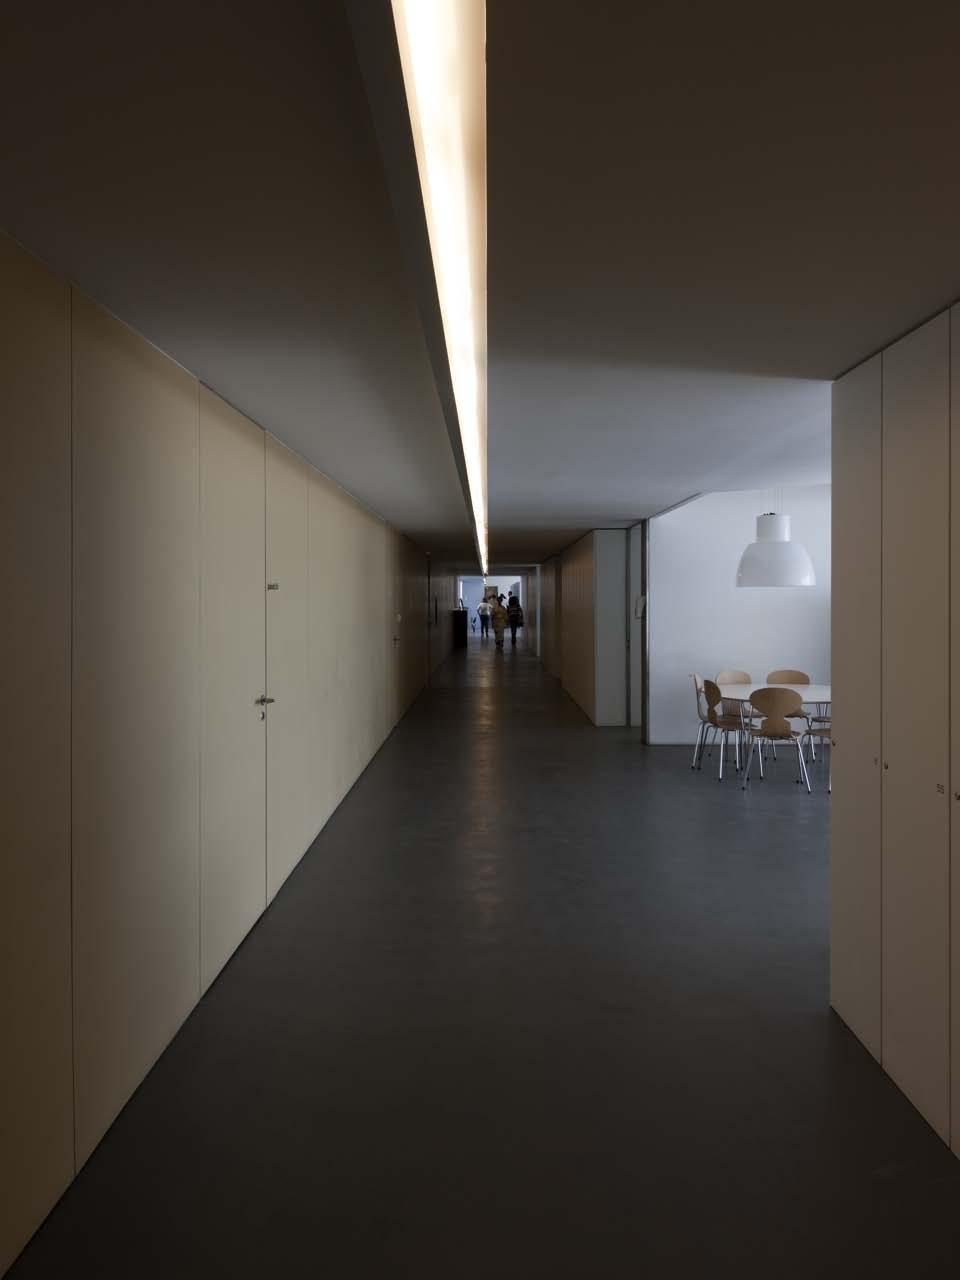 Hotel & Catering School / Eduardo Souto de Moura + Graça Correia